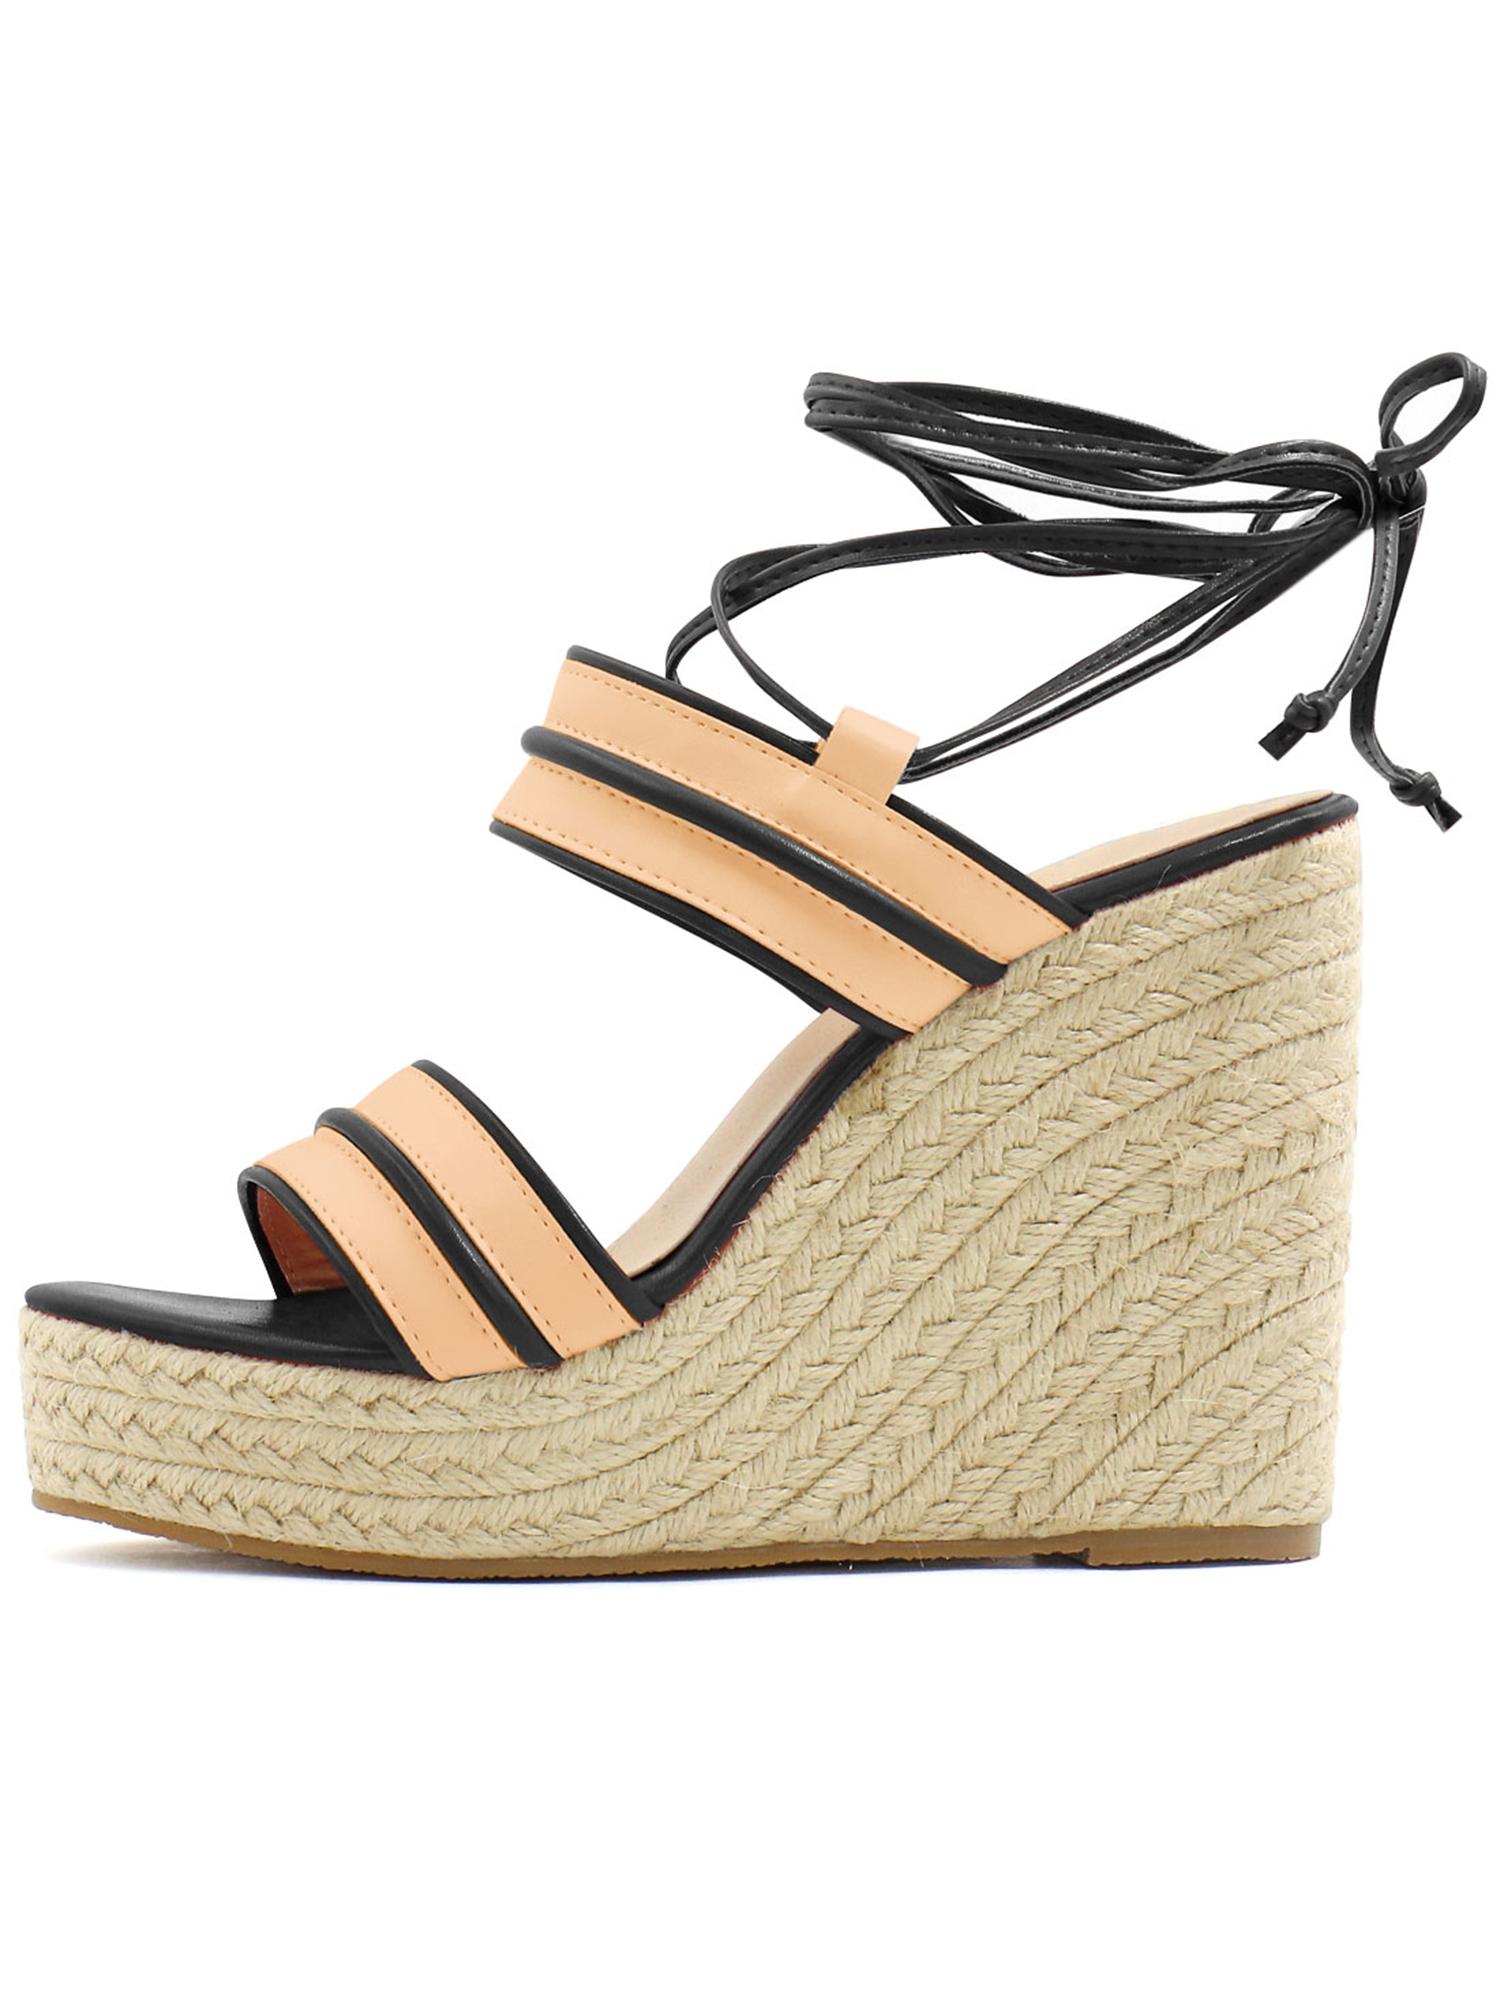 df6676e89ac Unique Bargain Women's Striped Ankle Tie Espadrille Wedge Heel Sandals  Black (Size 9.5)